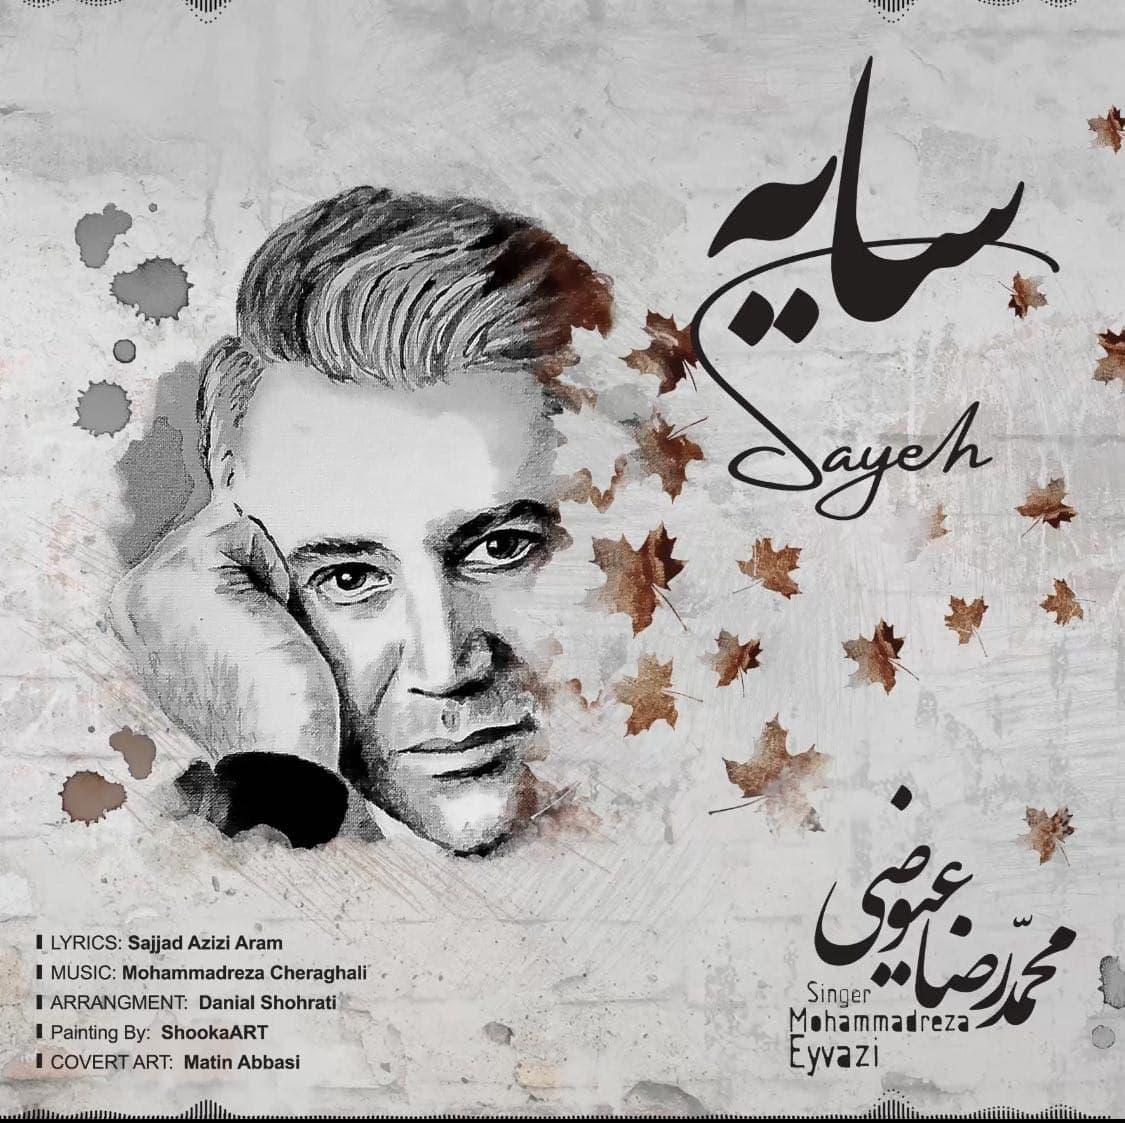 دانلود موزیک جدید محمدرضا عیوضی سایه